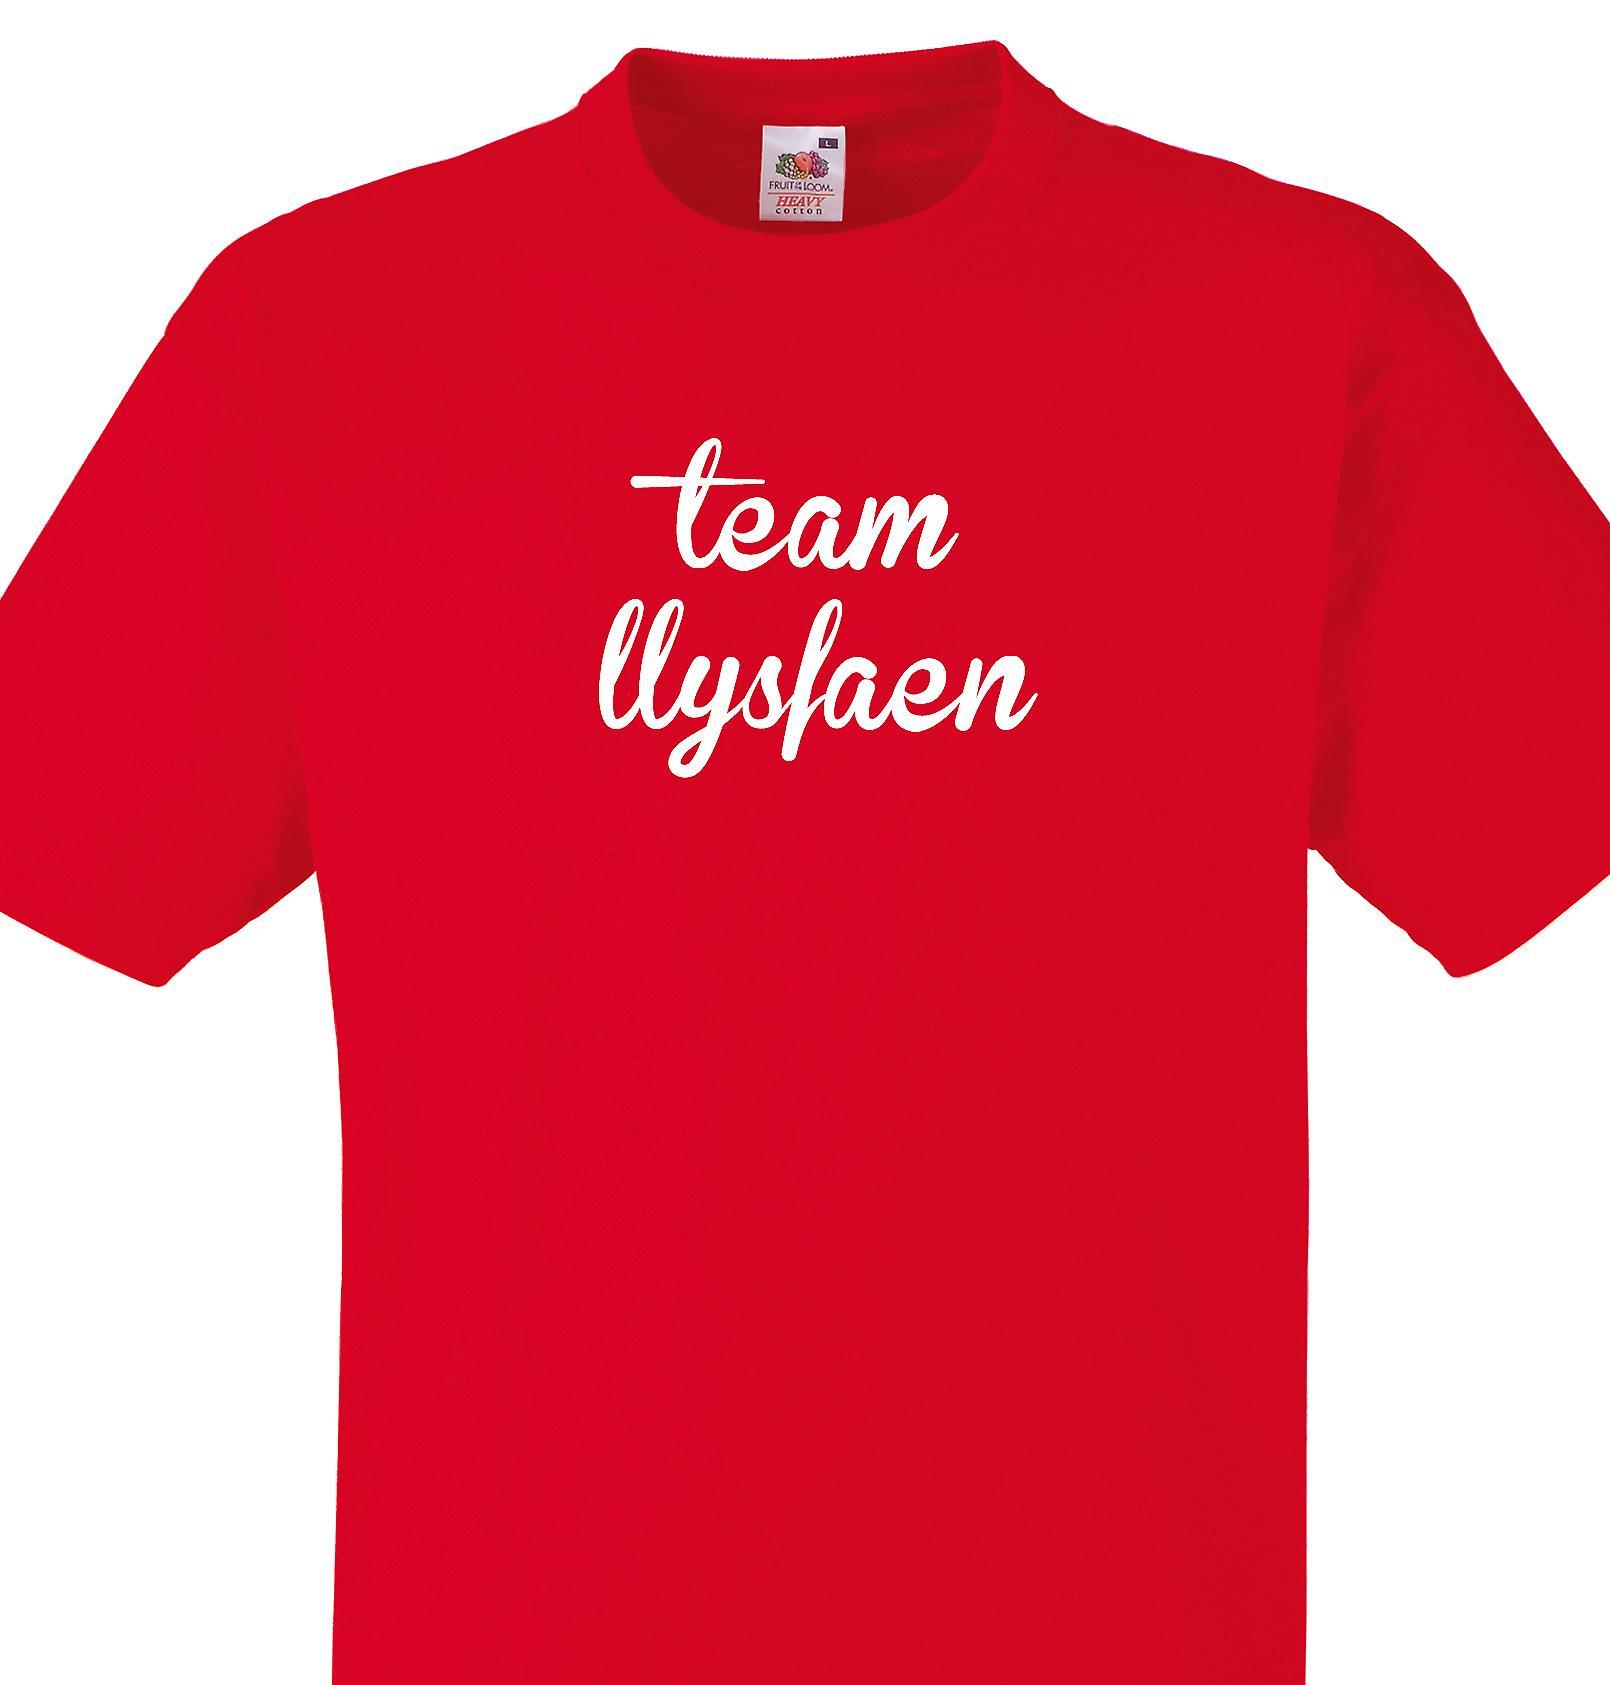 Team Llysfaen Red T shirt